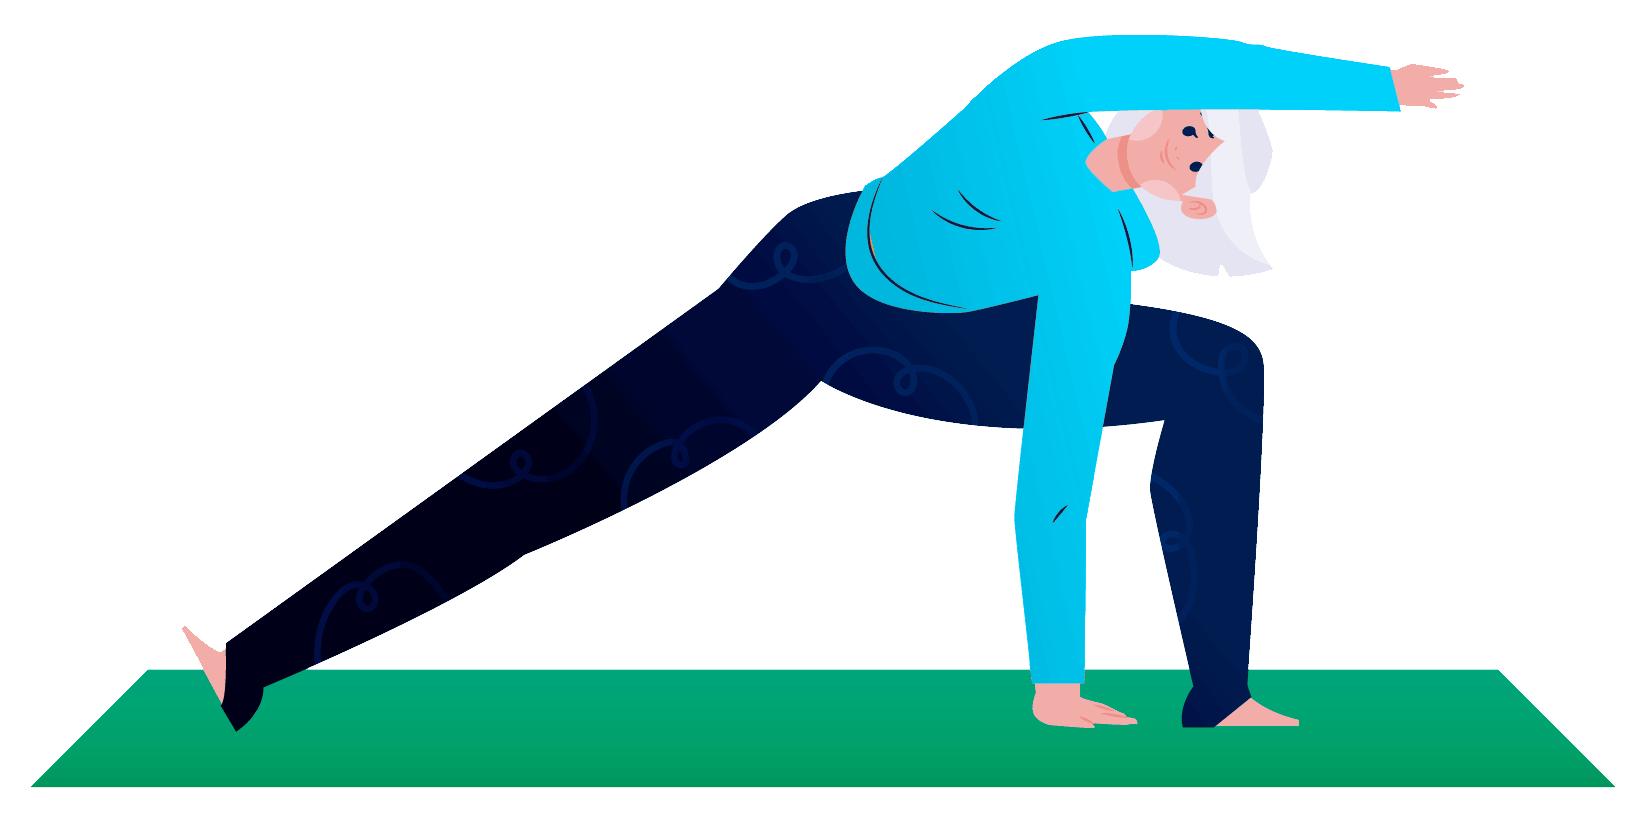 muevesalud-ejercicio